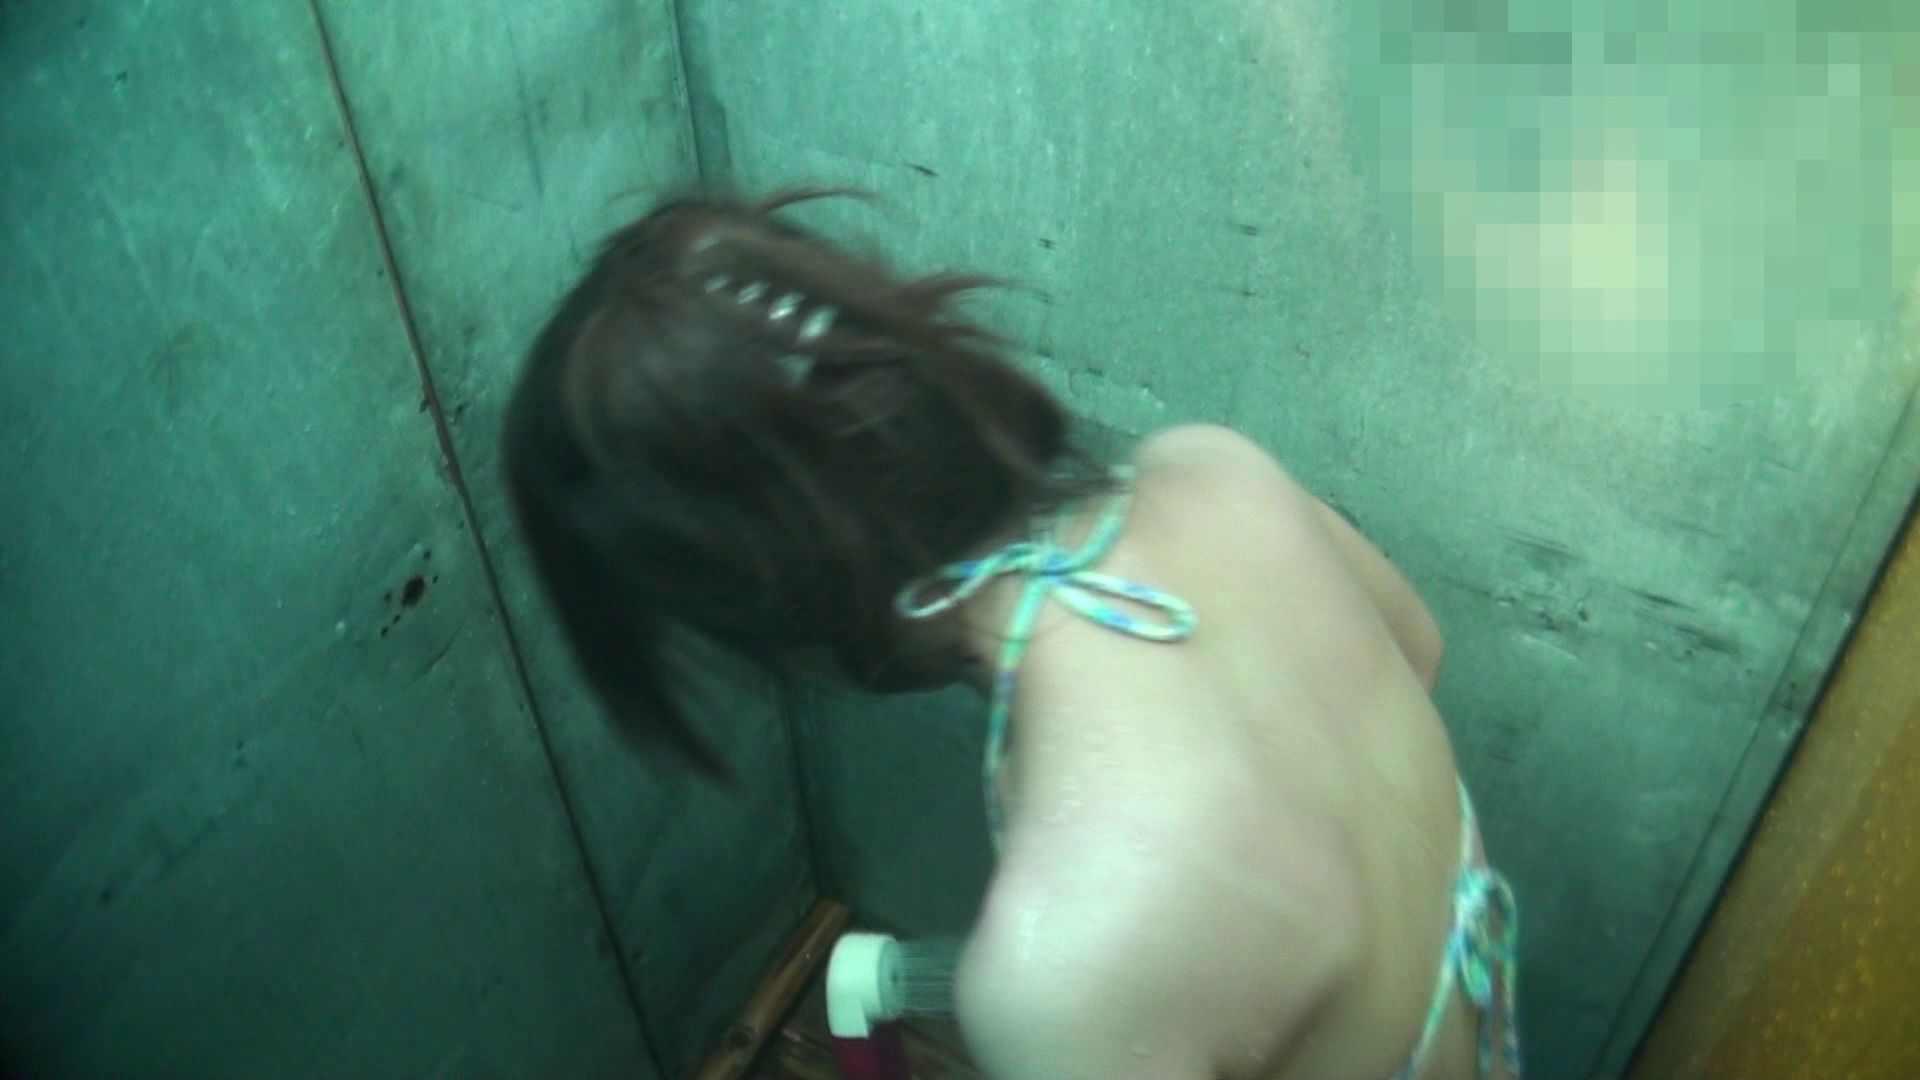 シャワールームは超!!危険な香りVol.15 残念ですが乳首未確認 マンコの砂は入念に マンコ   乳首  48連発 16